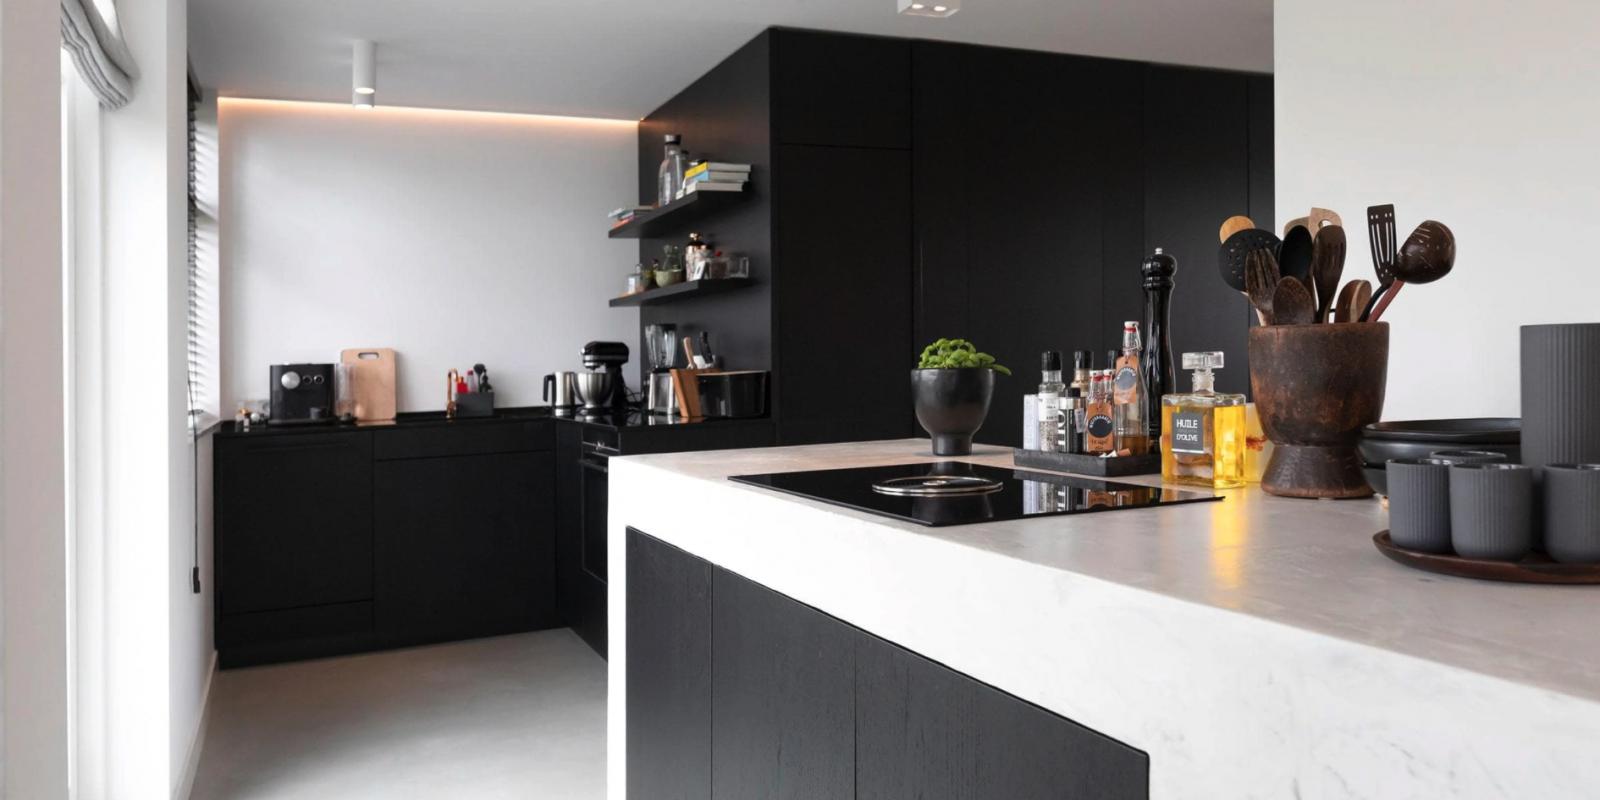 Keuken Op Maat Door Atelier 19 Zoetermeer